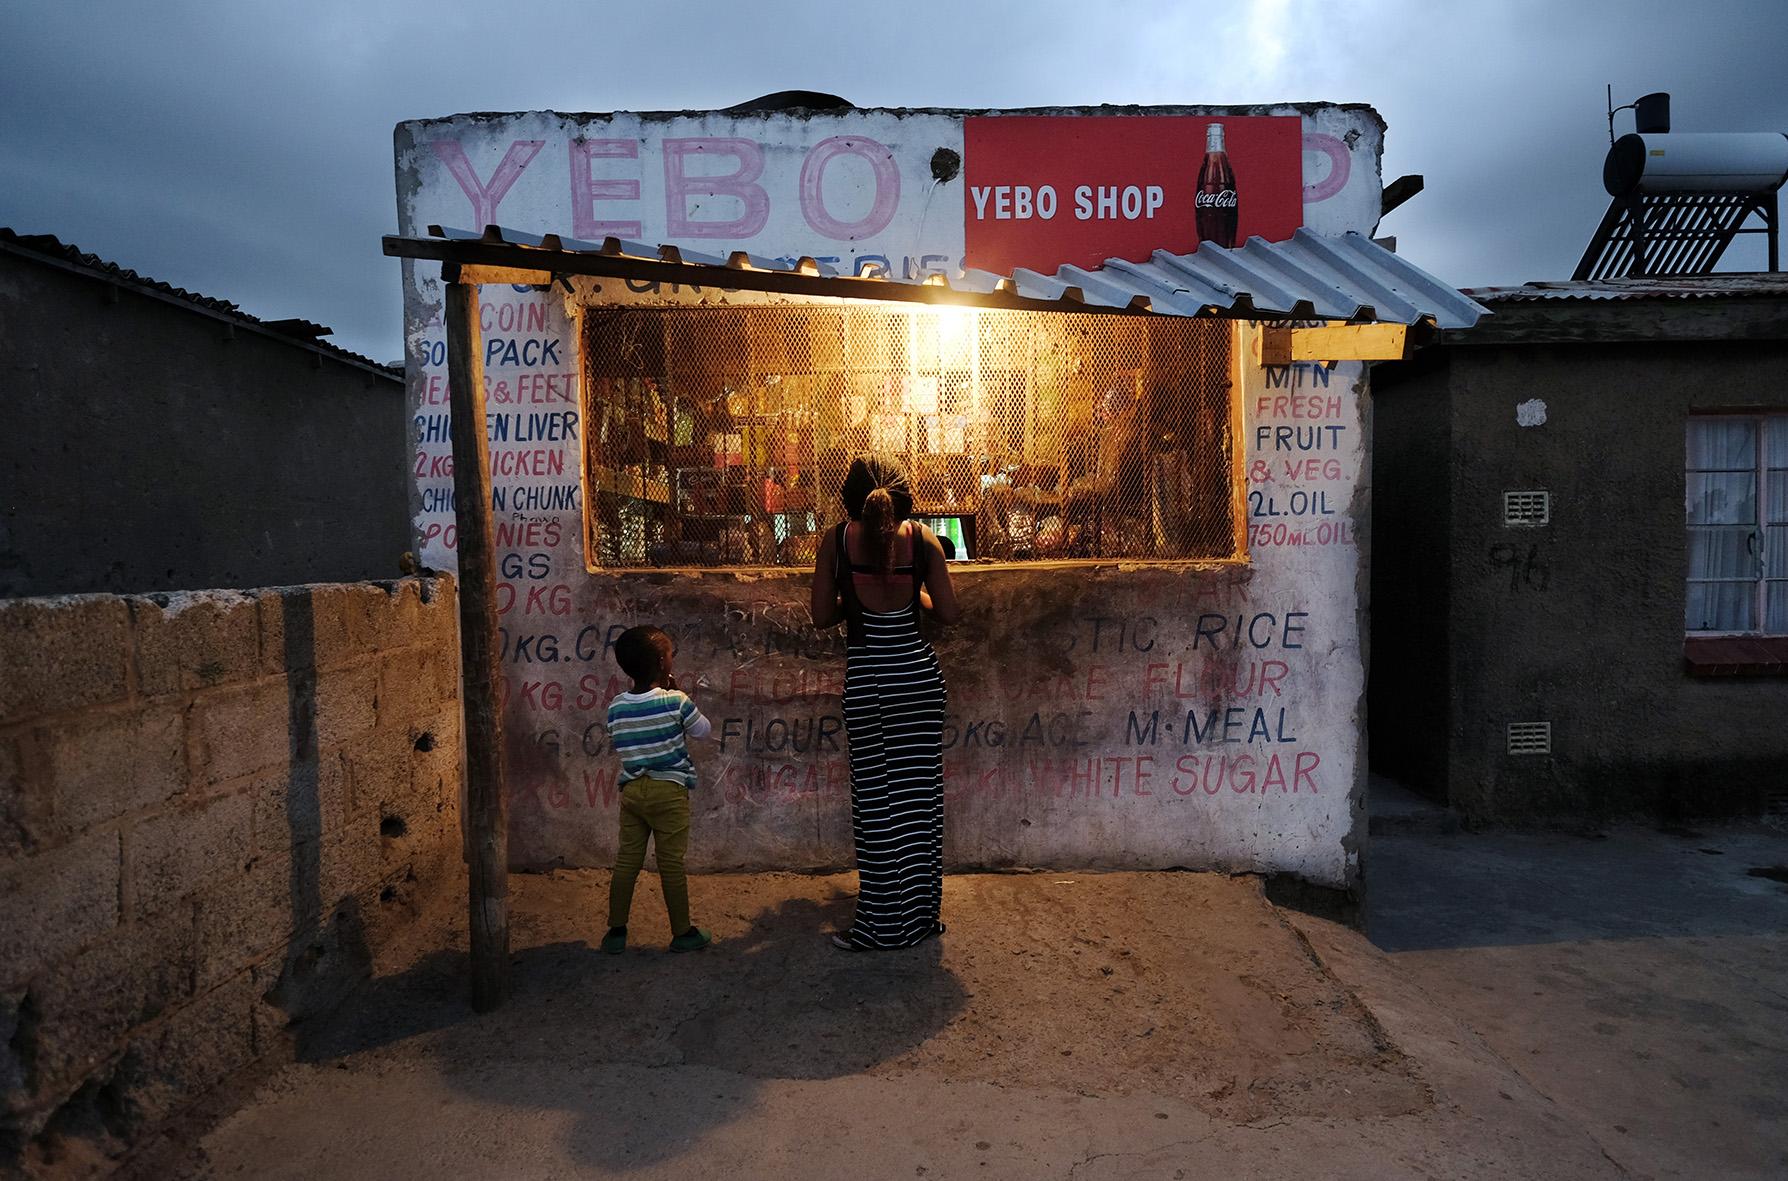 Foto gemaakt in een township (New Brighton township) in Port Elisabeth, Afrika. Moeder met kind koopt iets aan een kraam. Alles is achter slot en grendel in die gevaarlijke townships. Eind februari 2015 © An-Sofie Kesteleyn